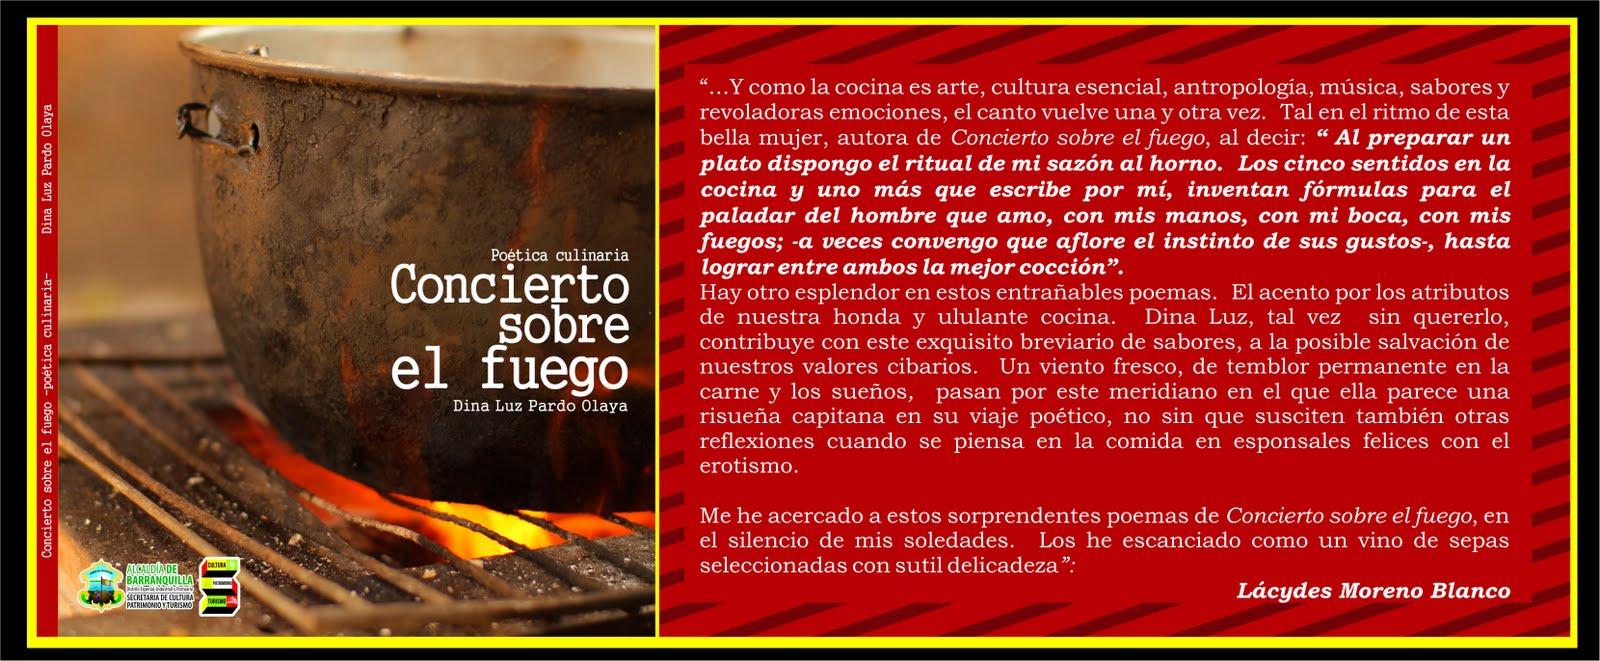 CONCIERTO SOBRE EL FUEGO -poética culinaria-: Dina Luz Pardo